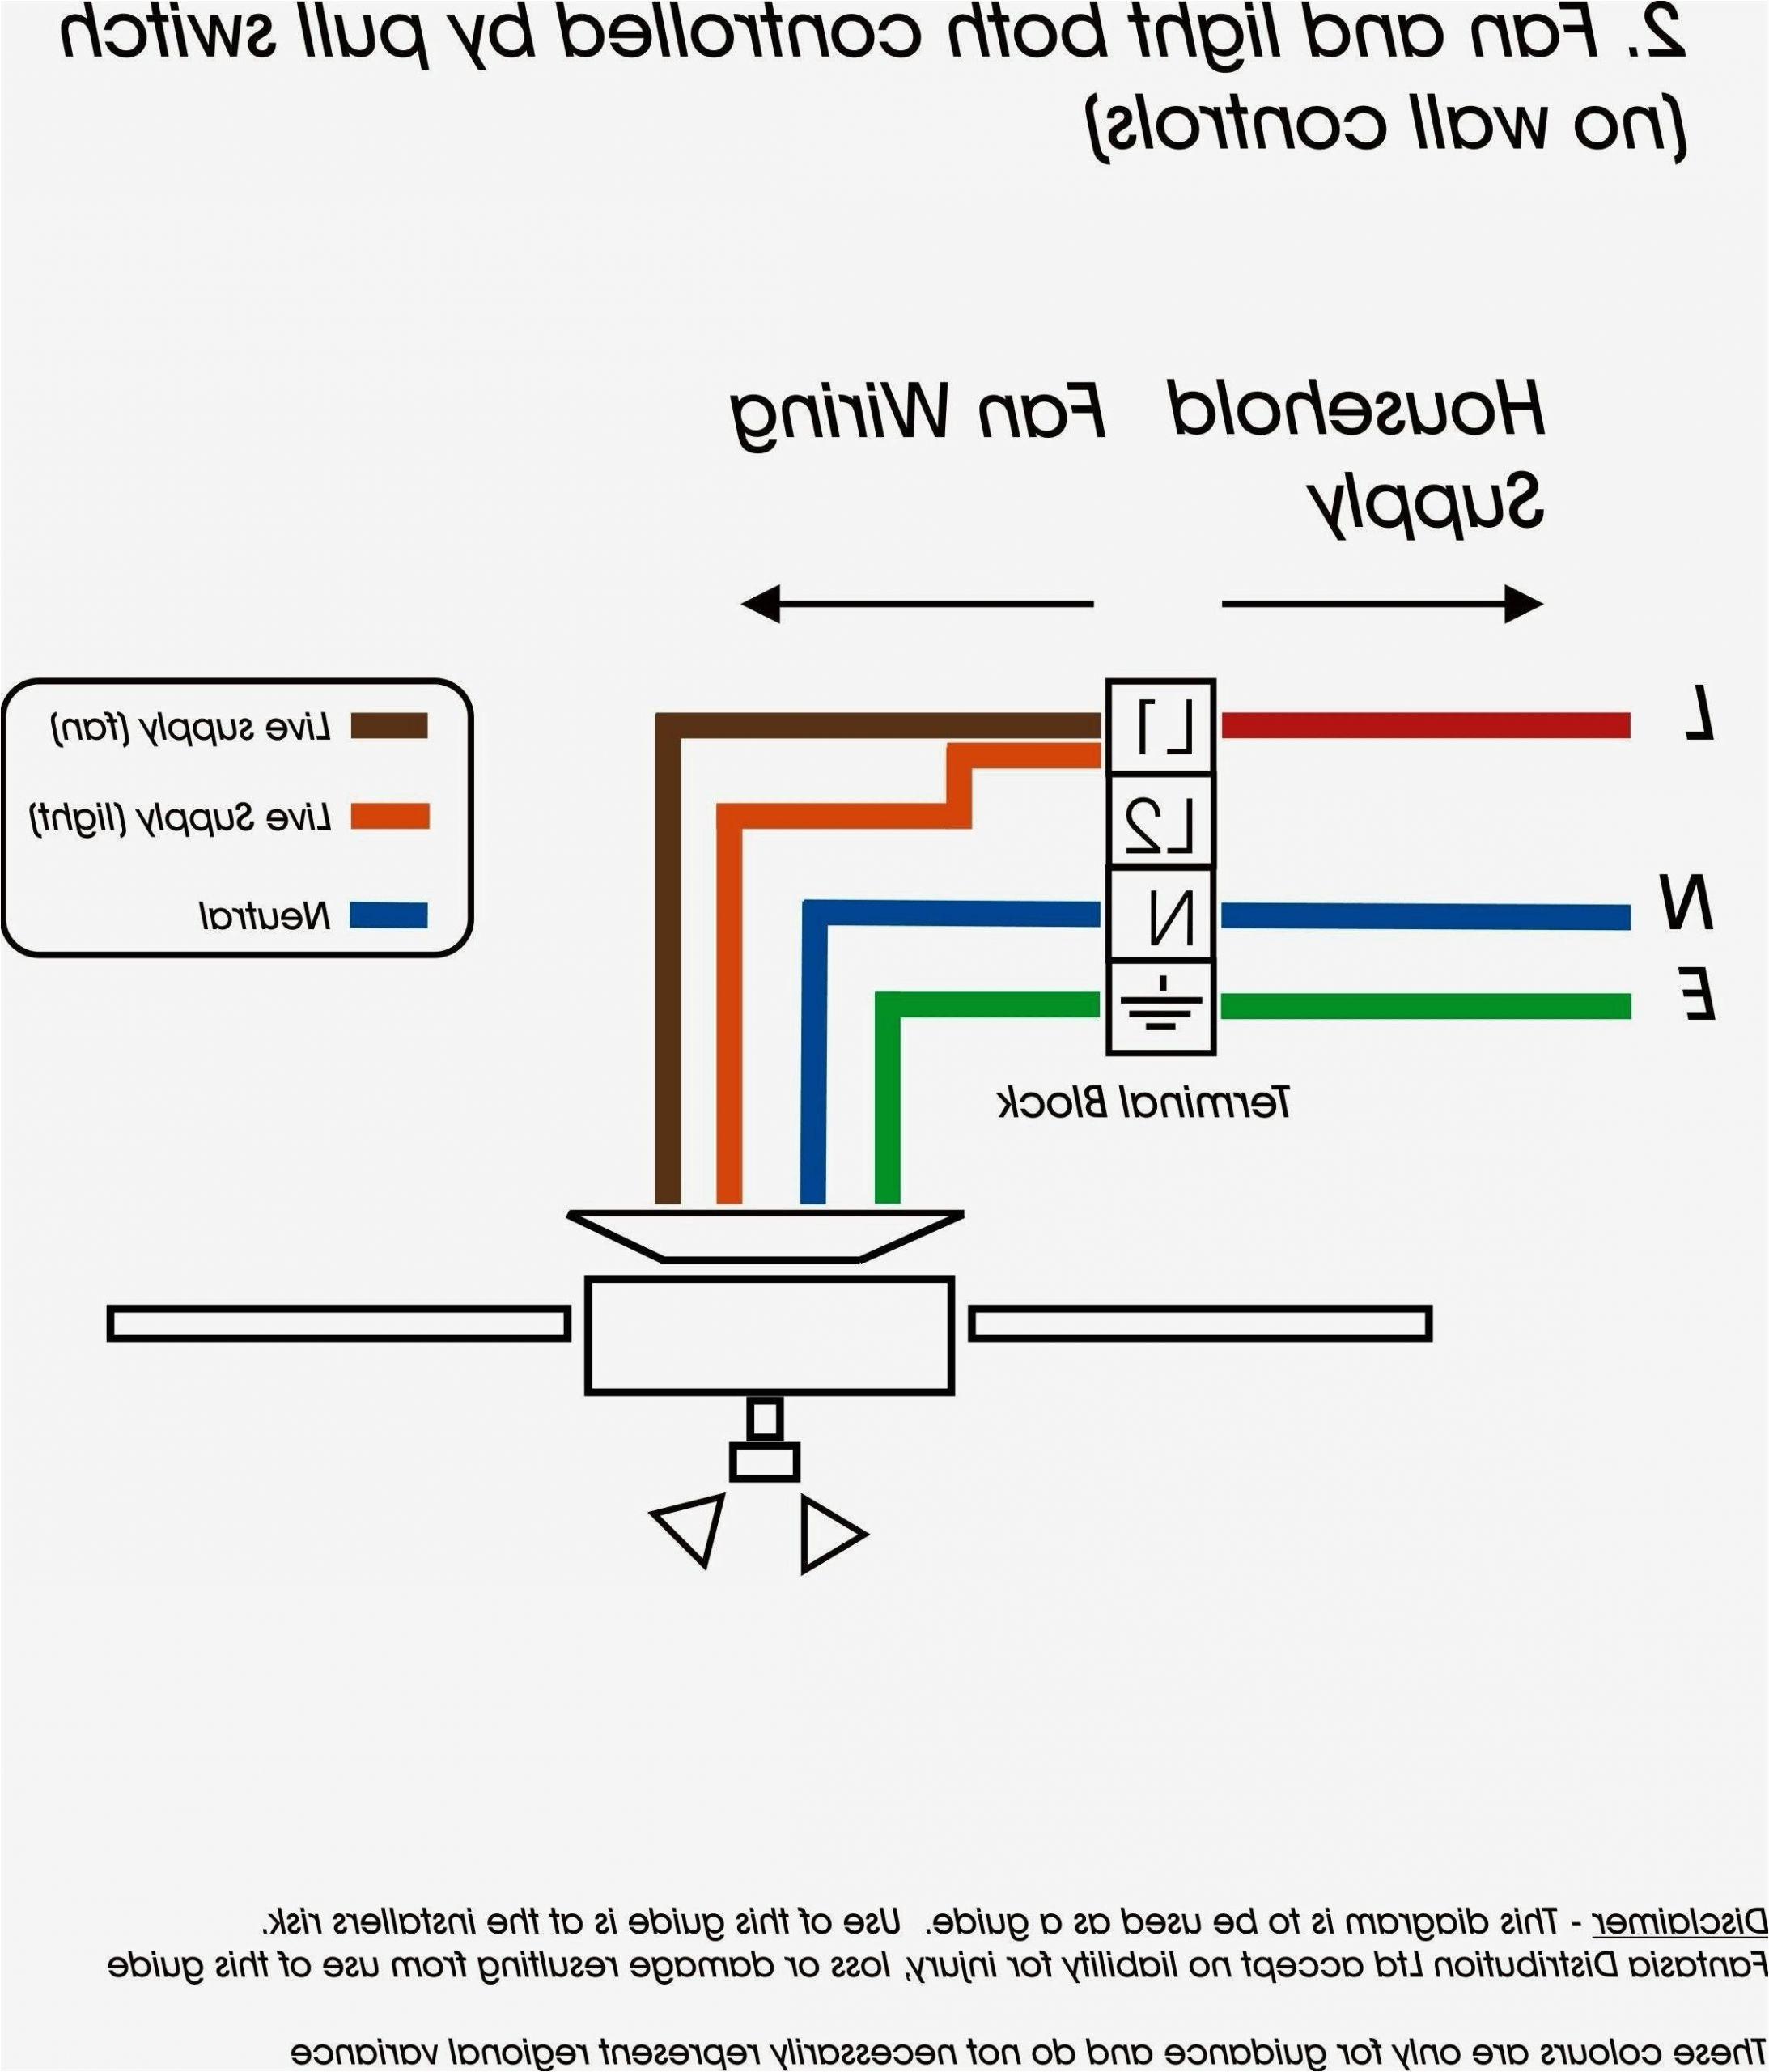 Belimo Lmb24 3 Wiring Diagram Belimo Actuators Wiring Diagram Eyelash Me